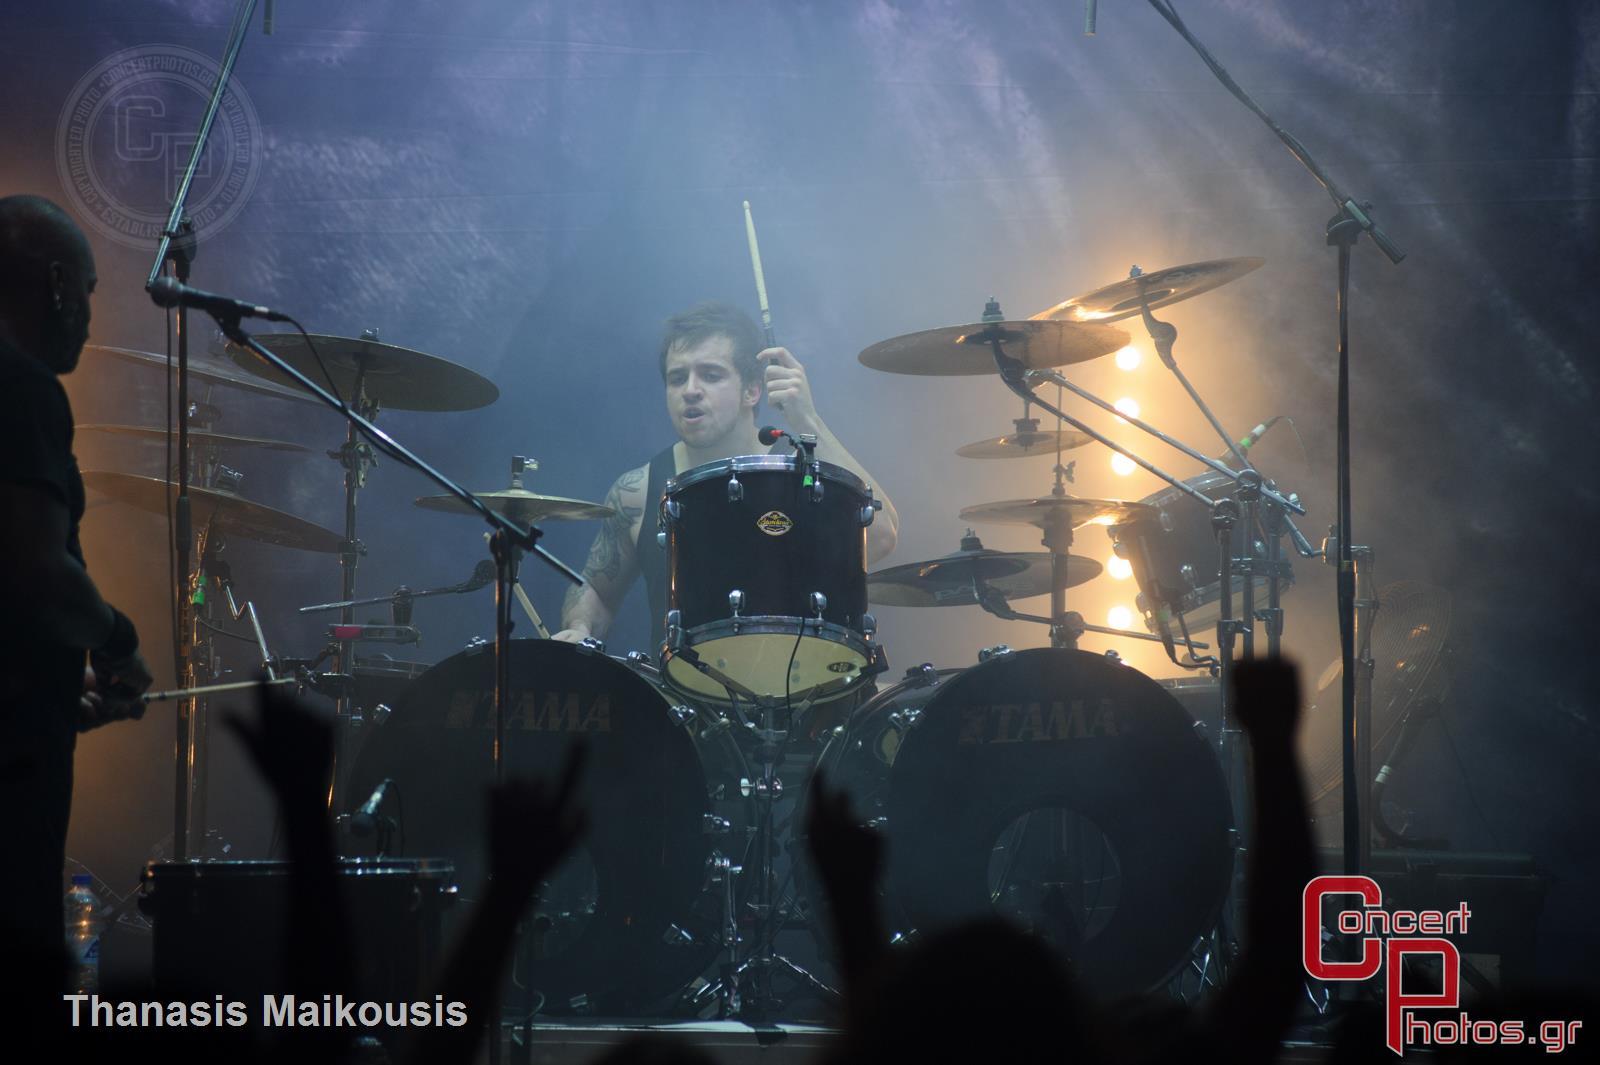 Sepultura-Sepultira photographer: Thanasis Maikousis - concertphotos_20140703_23_20_39